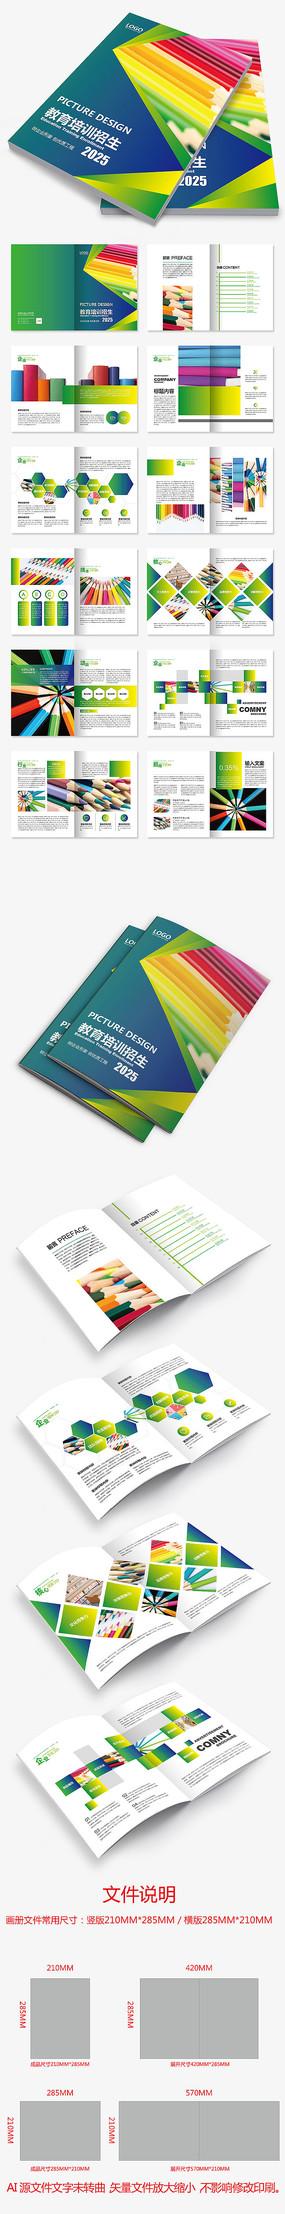 彩色学校招生教育培训招生画册设计